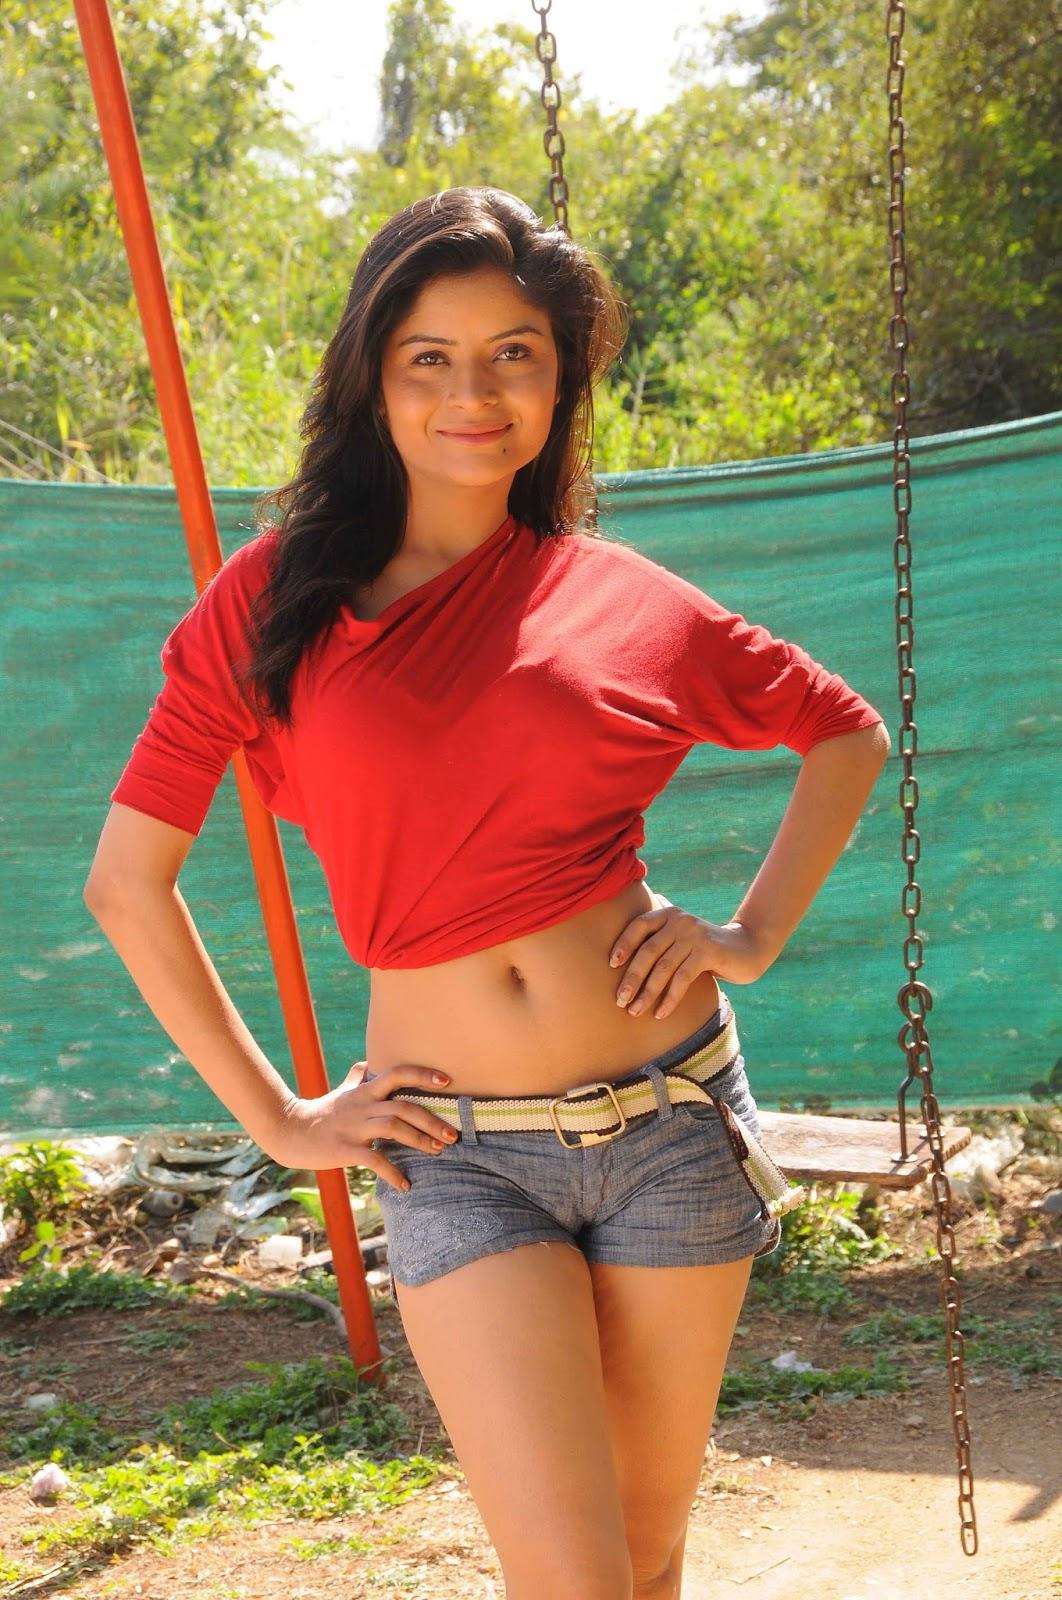 Nuad girls image sexy image